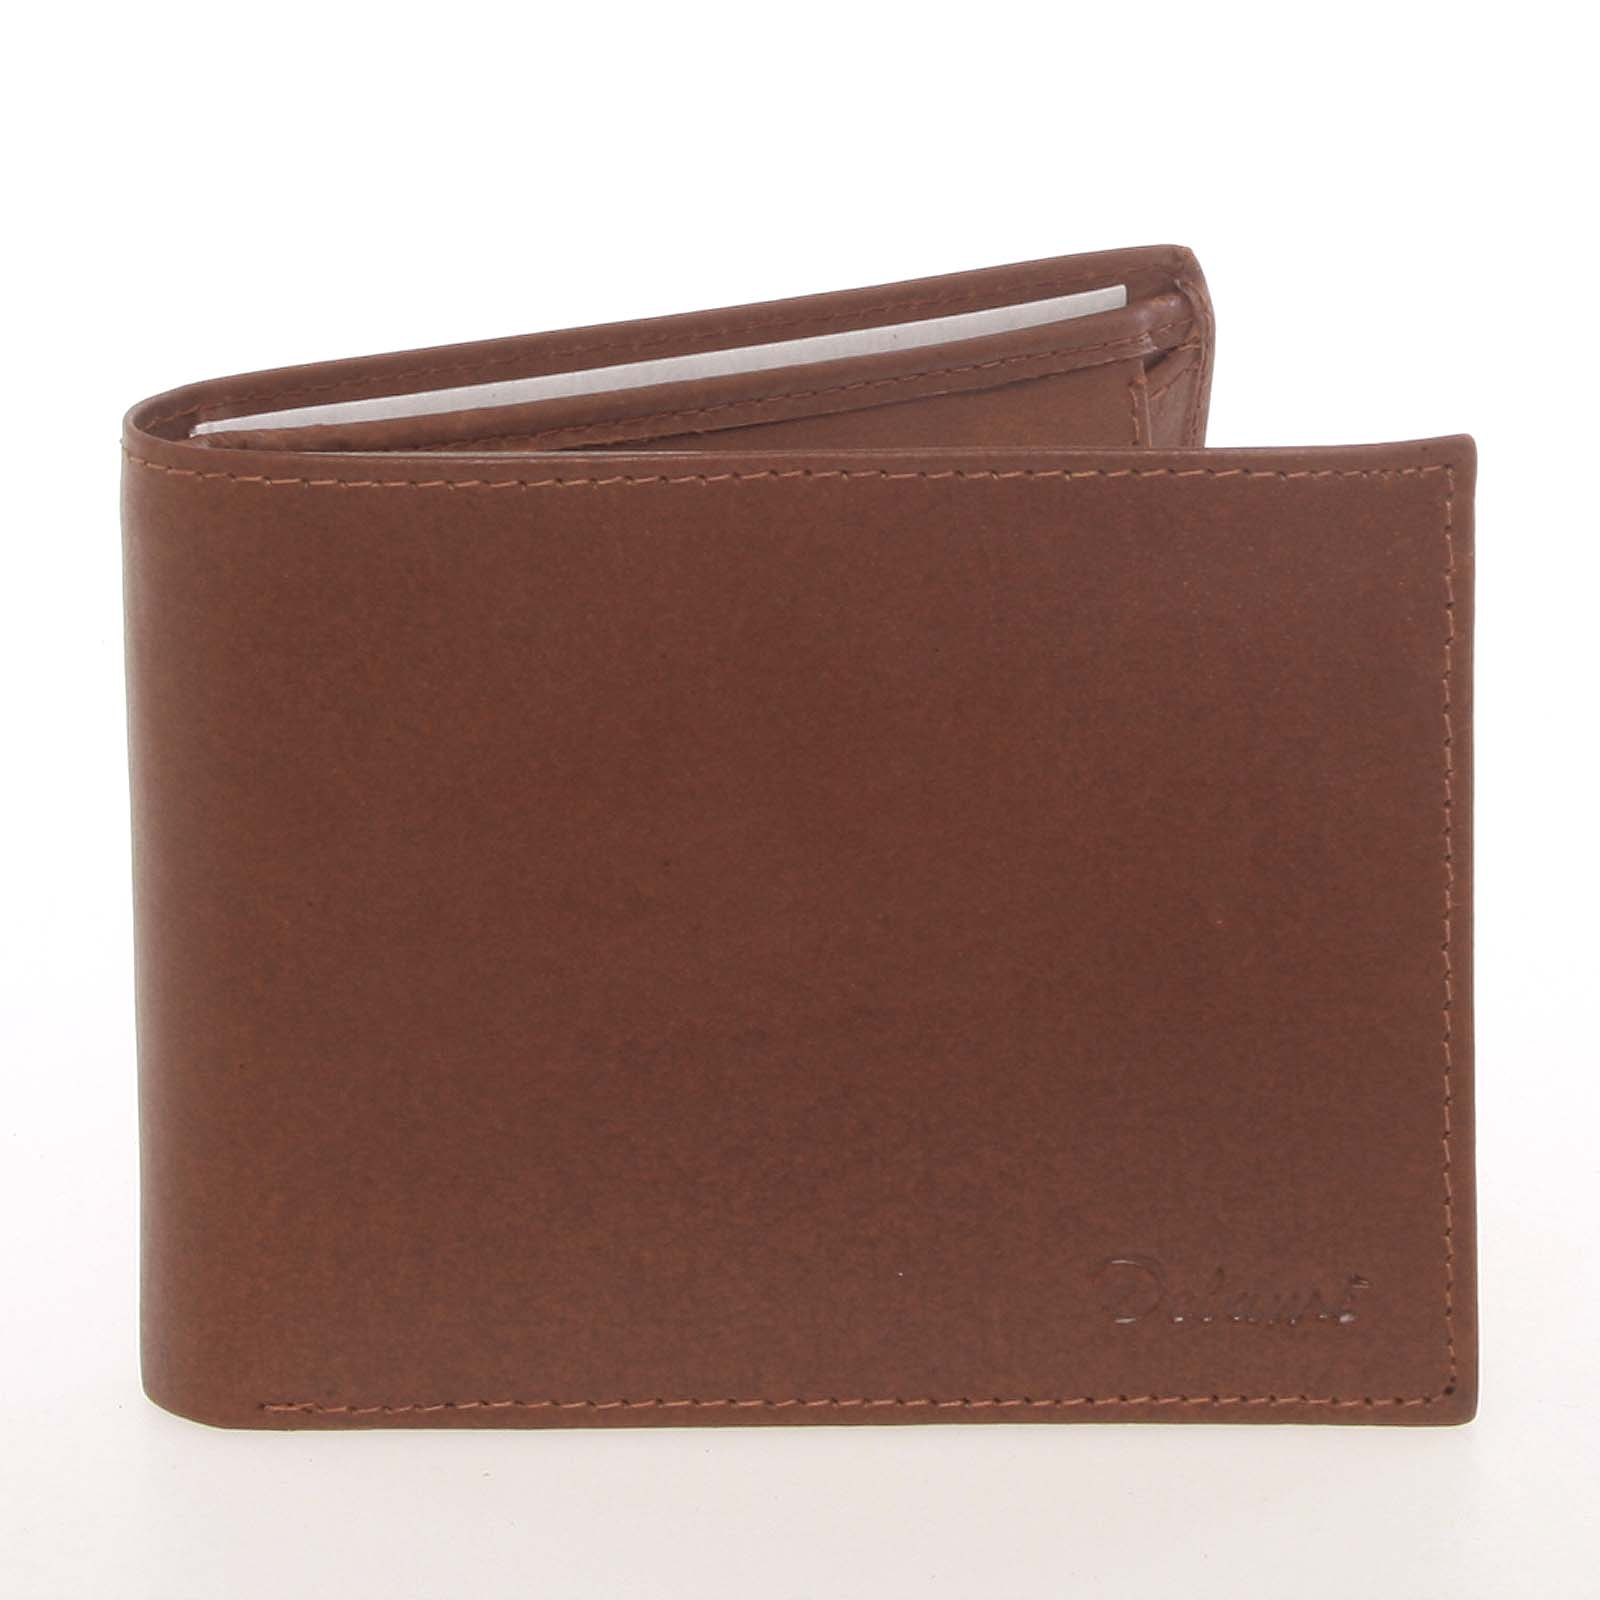 Pánská kožená koňaková peněženka - Delami Colbey